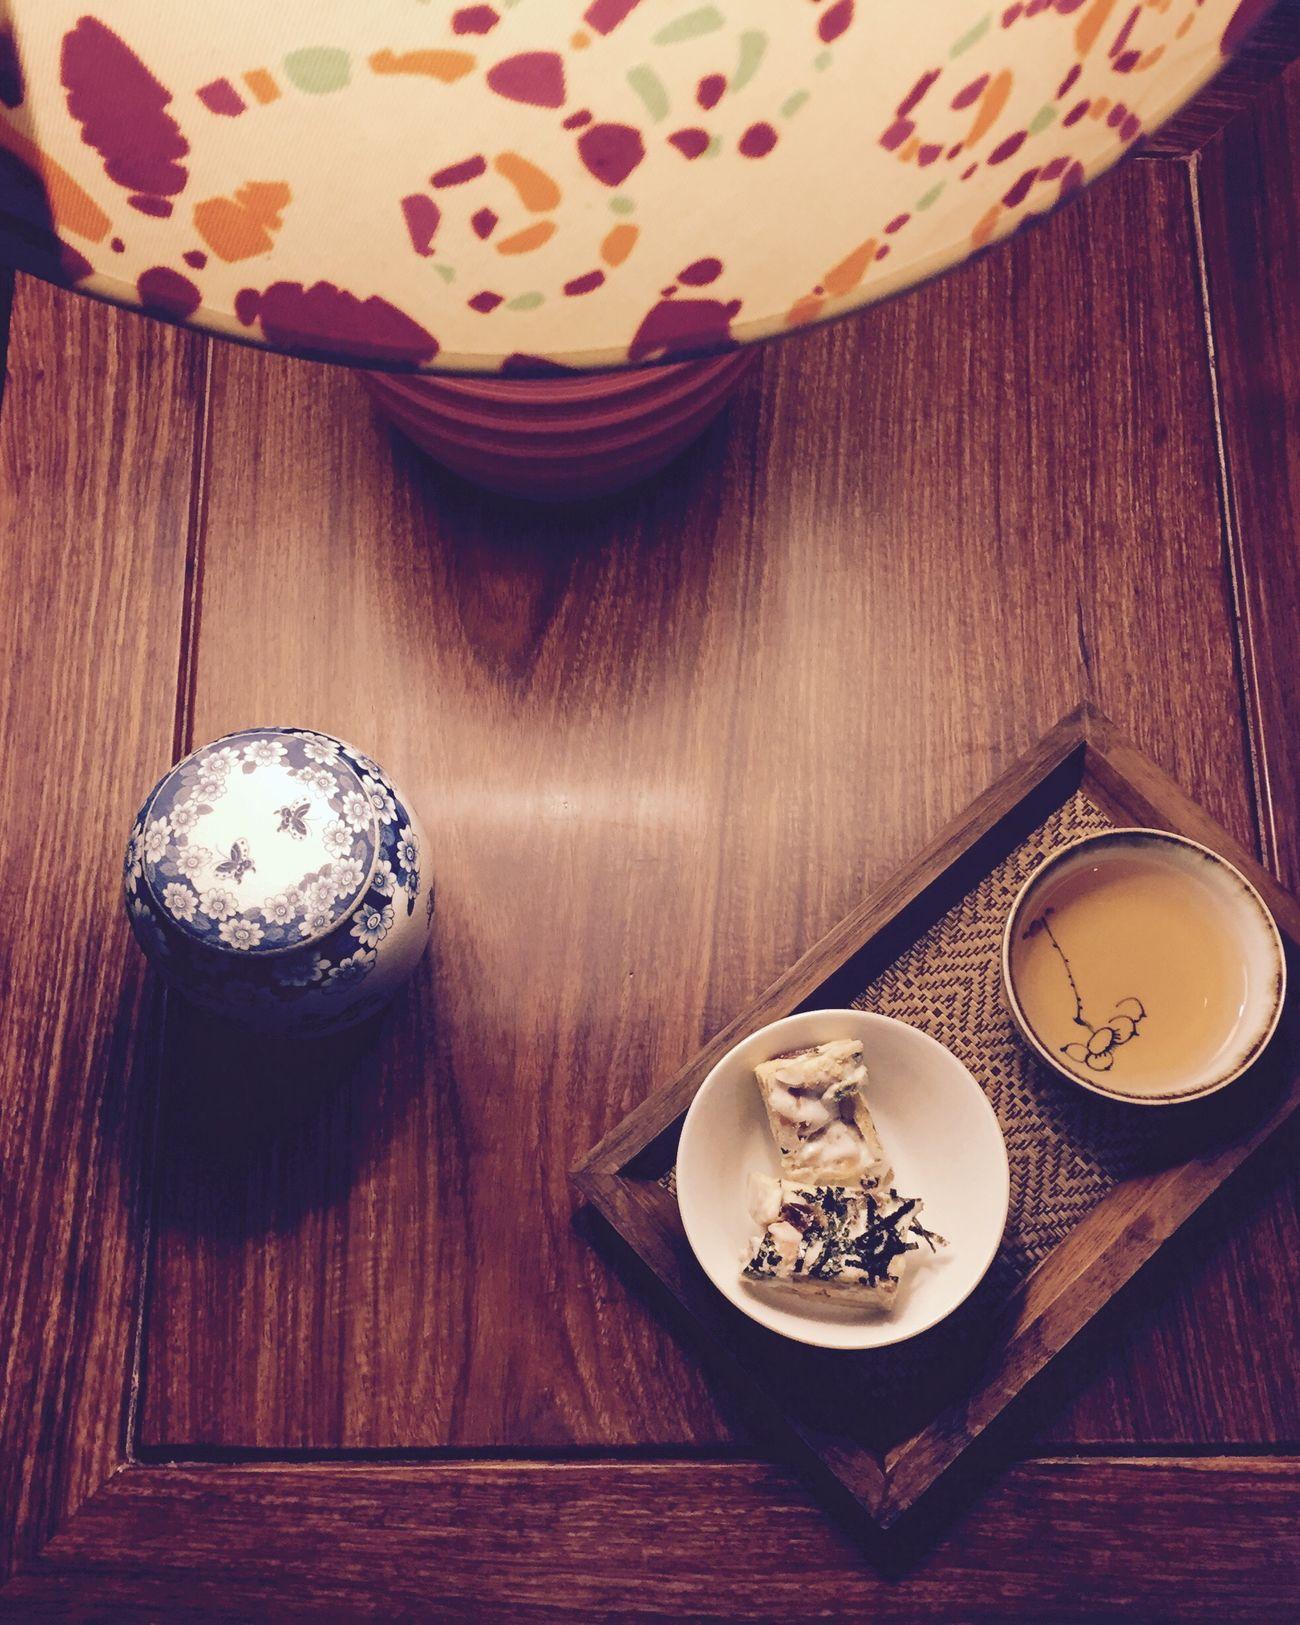 Light Snack Time! Tea